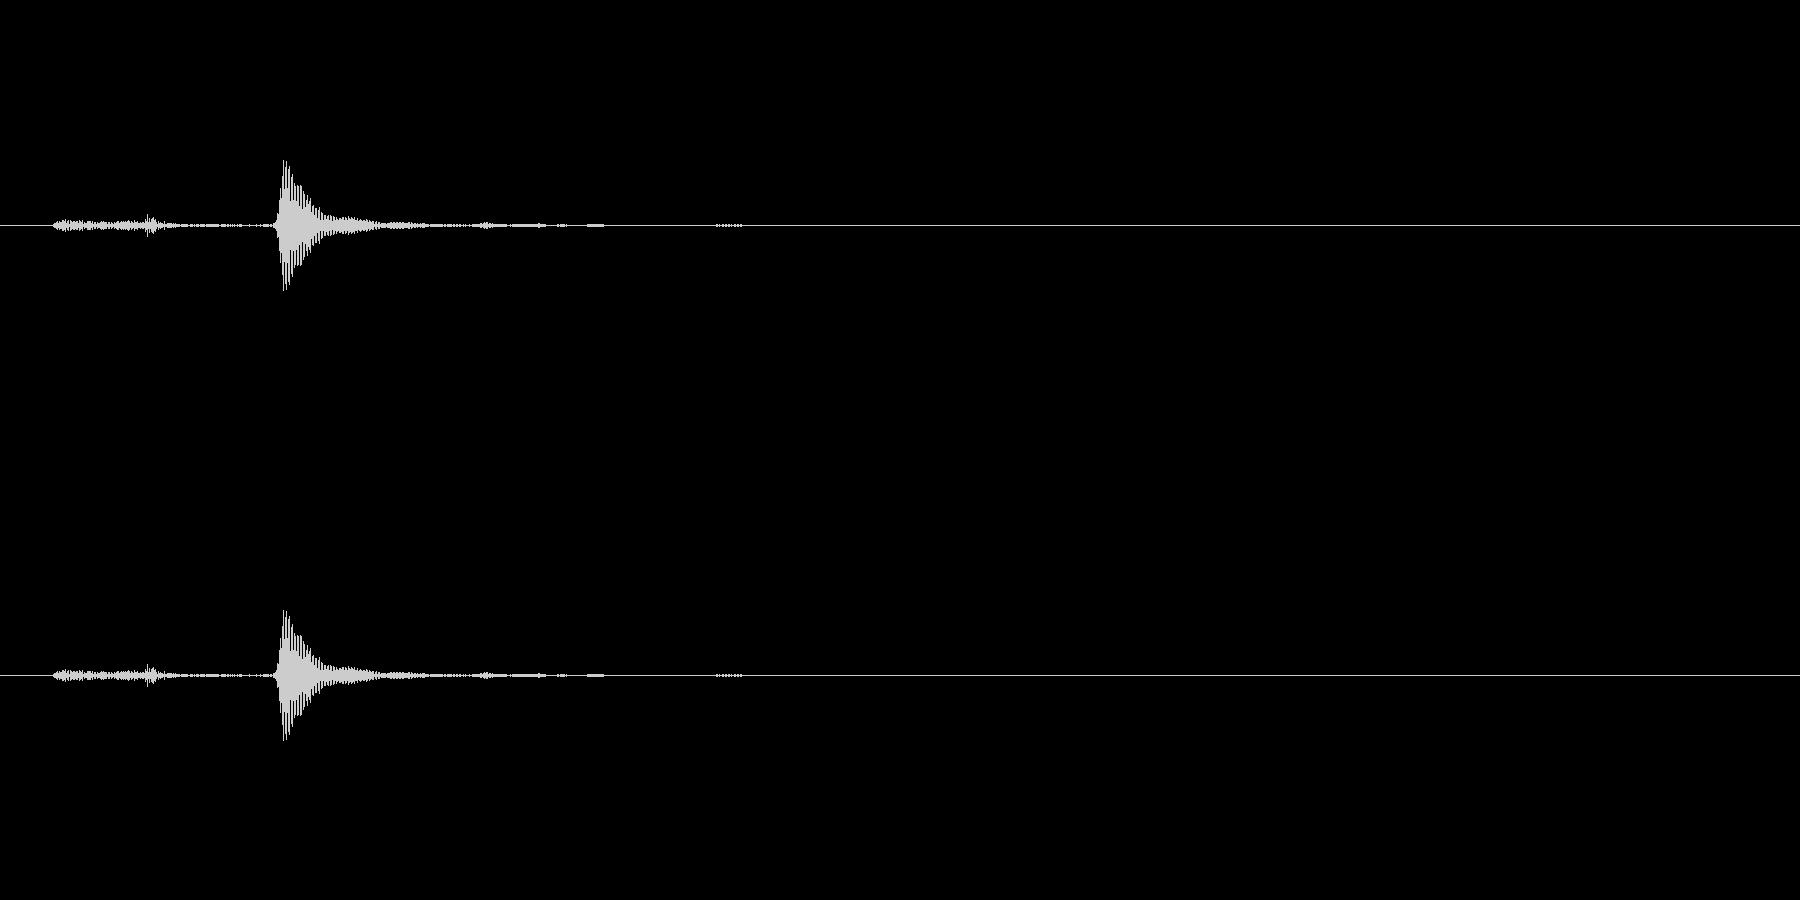 選択、決定、ポワン、ポップ_2の未再生の波形